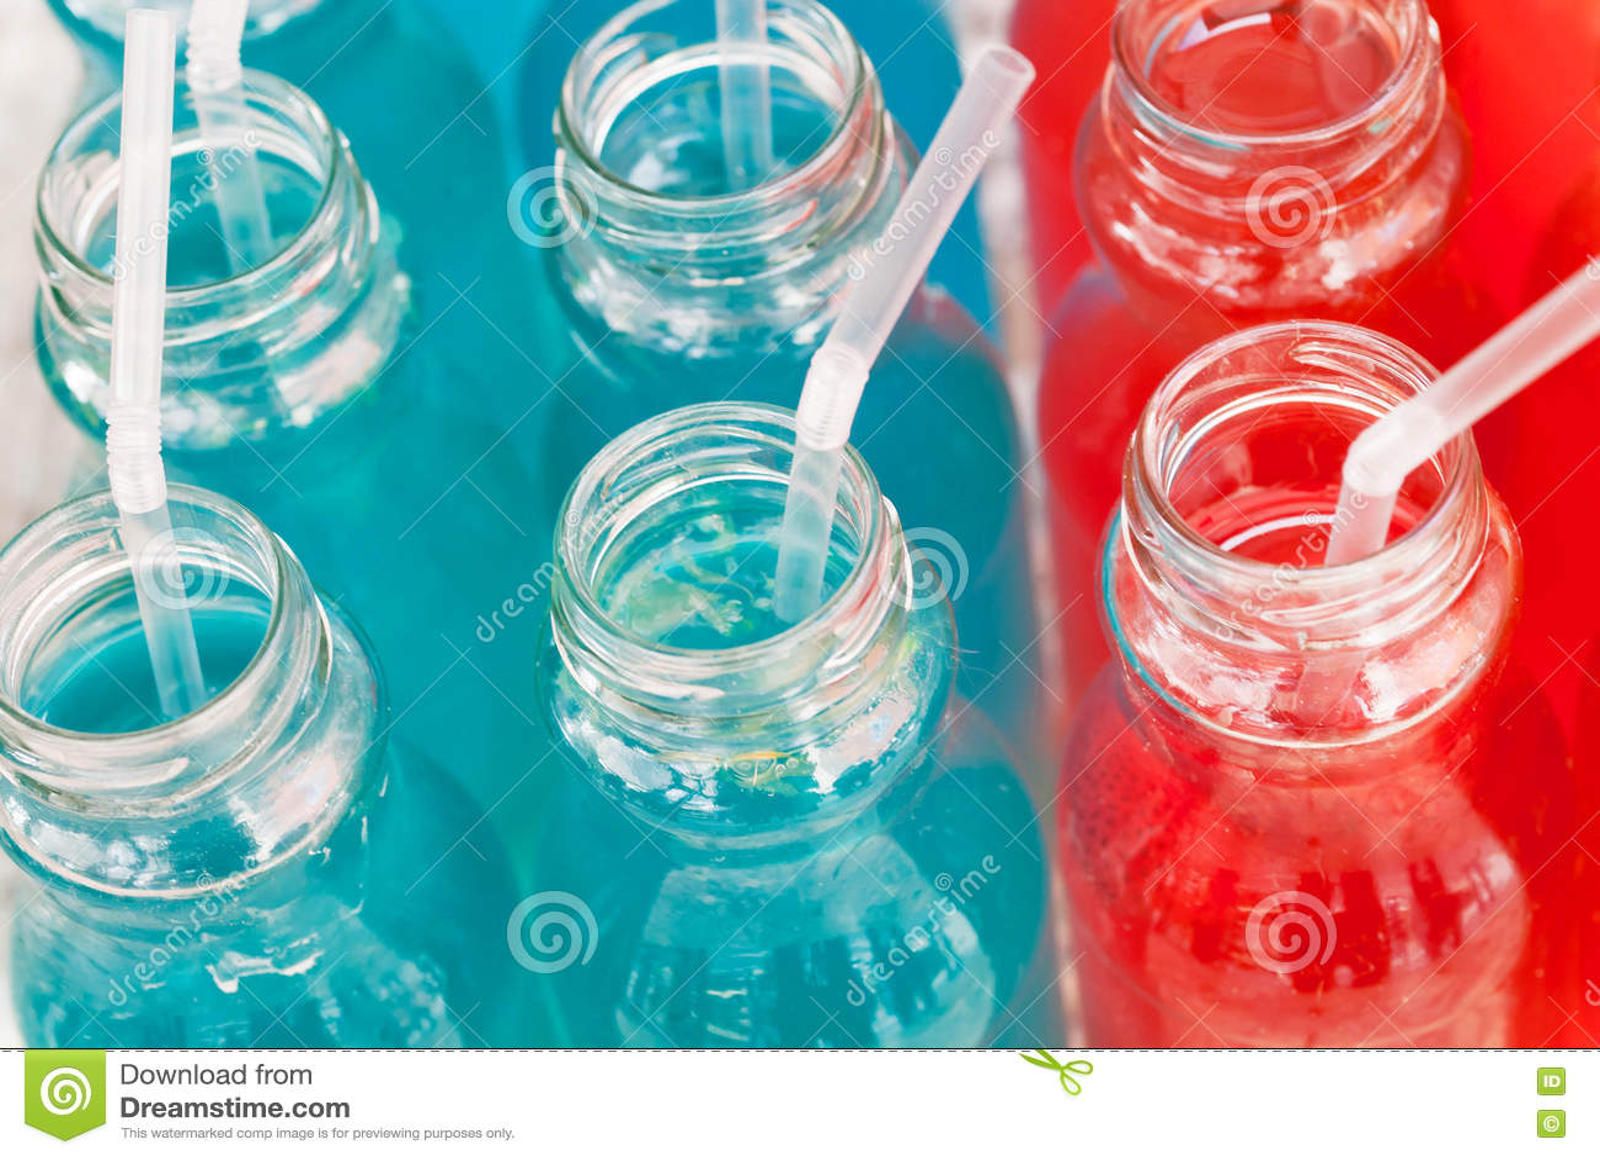 Limonade des baies et couleurs de sirop, rouges et bleues sur la table